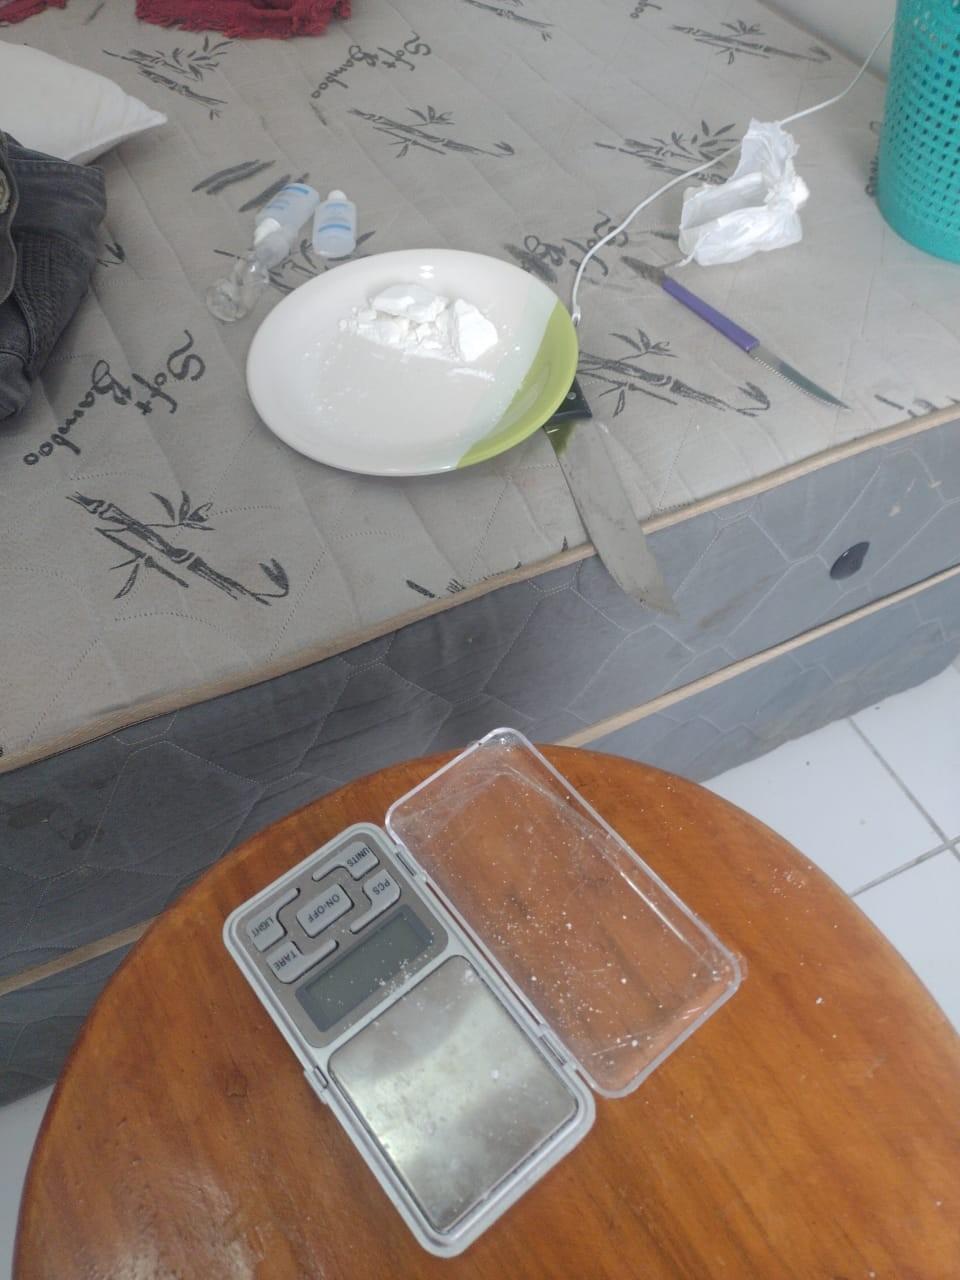 Suspeito de roubo a banco é preso com drogas em apartamento na Zona Norte de Teresina